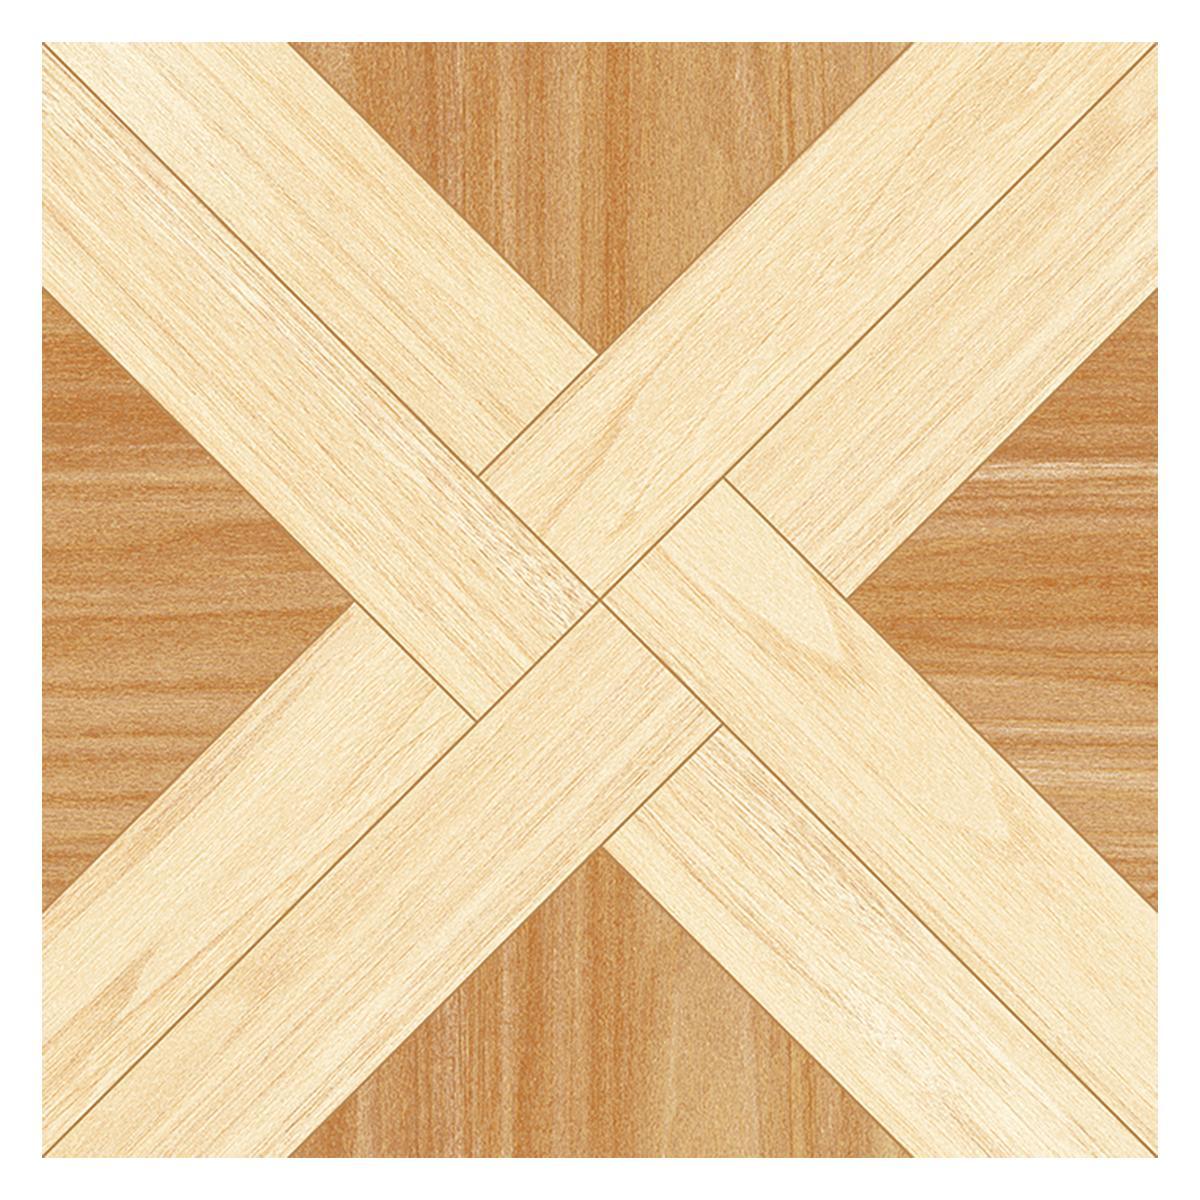 Piso Caspe Natural Brillante - 45X45 cm - 2.03 m2